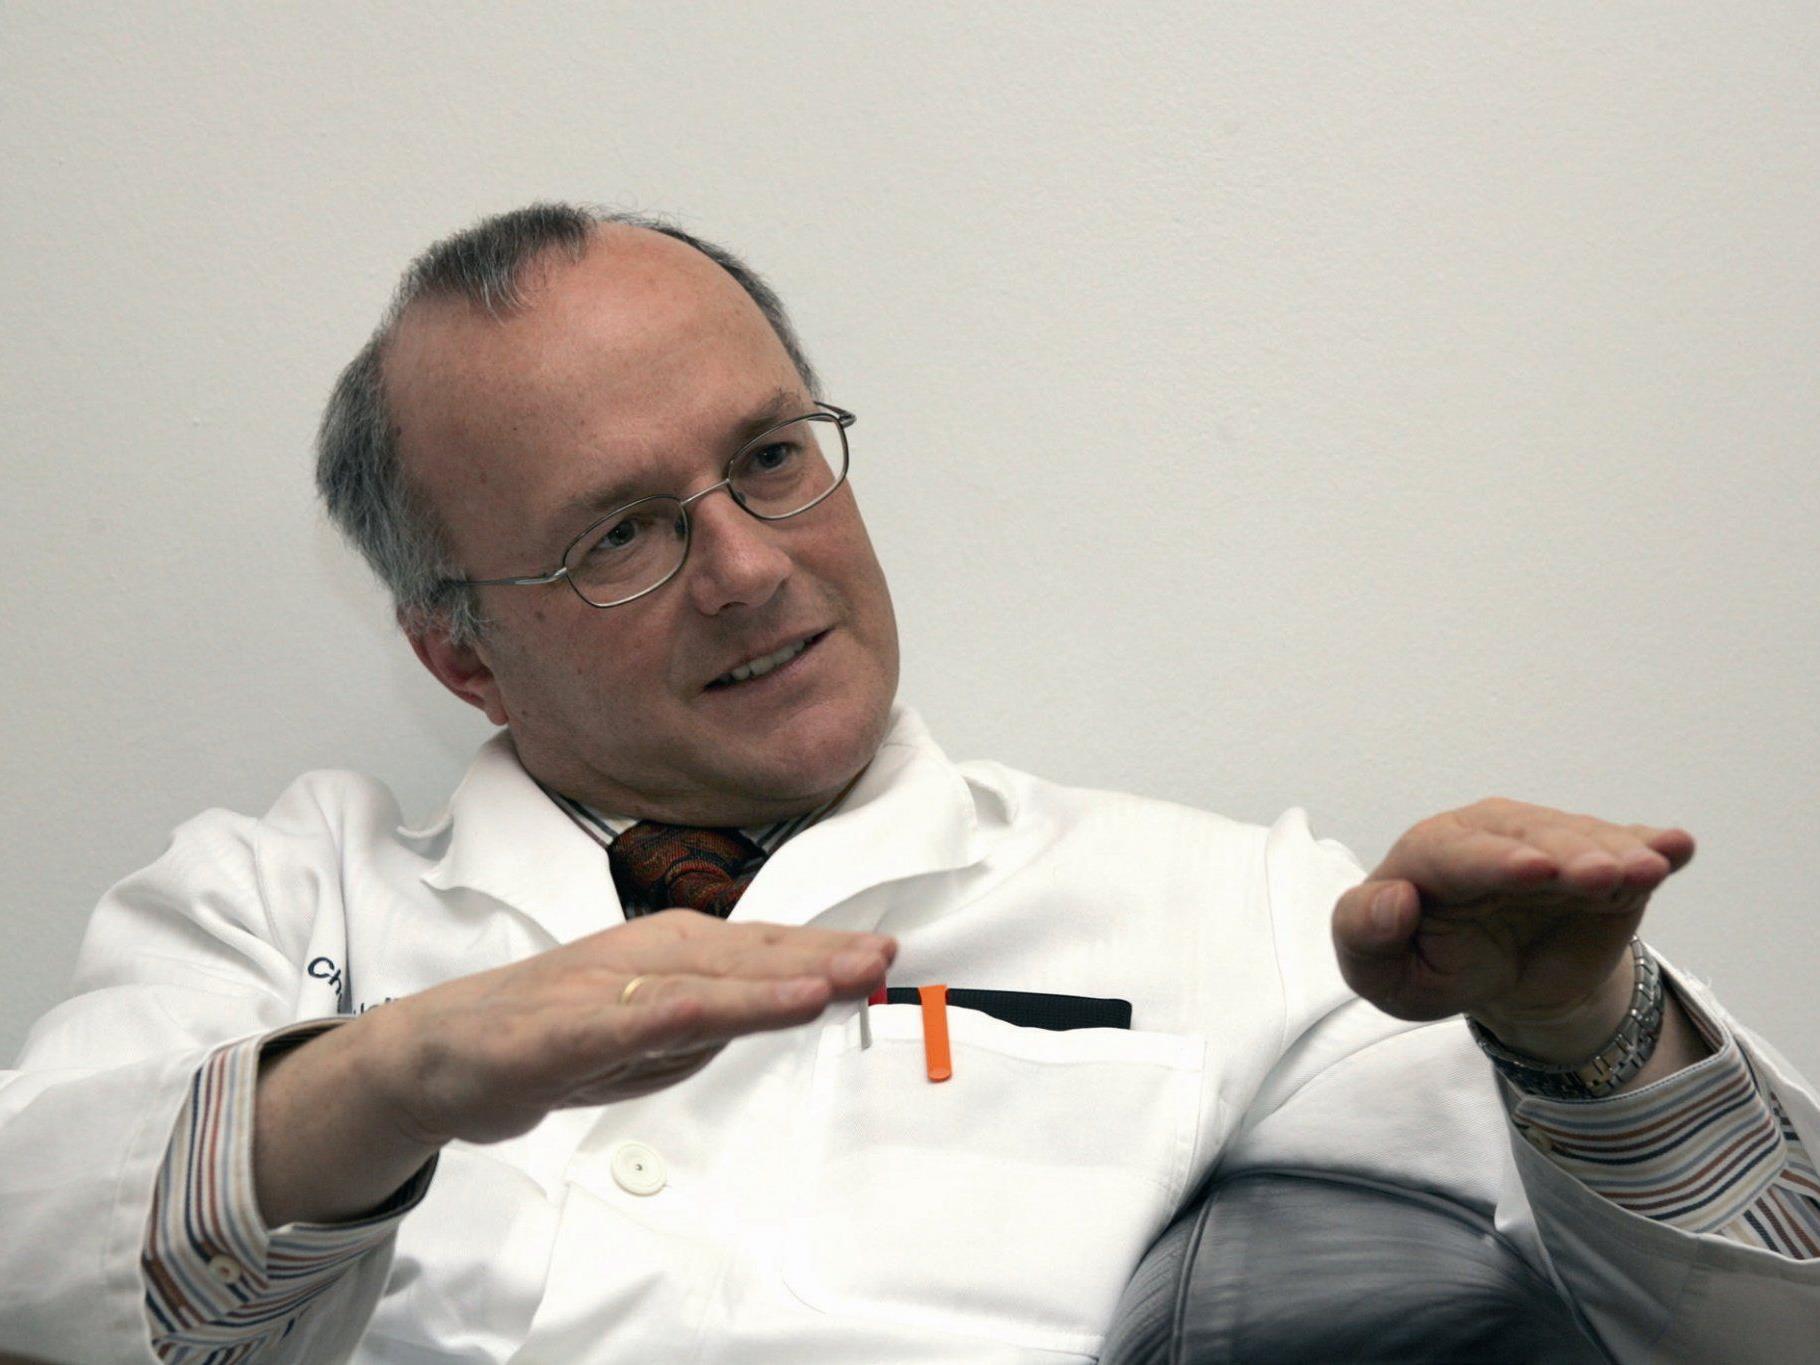 Dr. Reinhard Haller spricht über psychische Belastungen im Alltag.